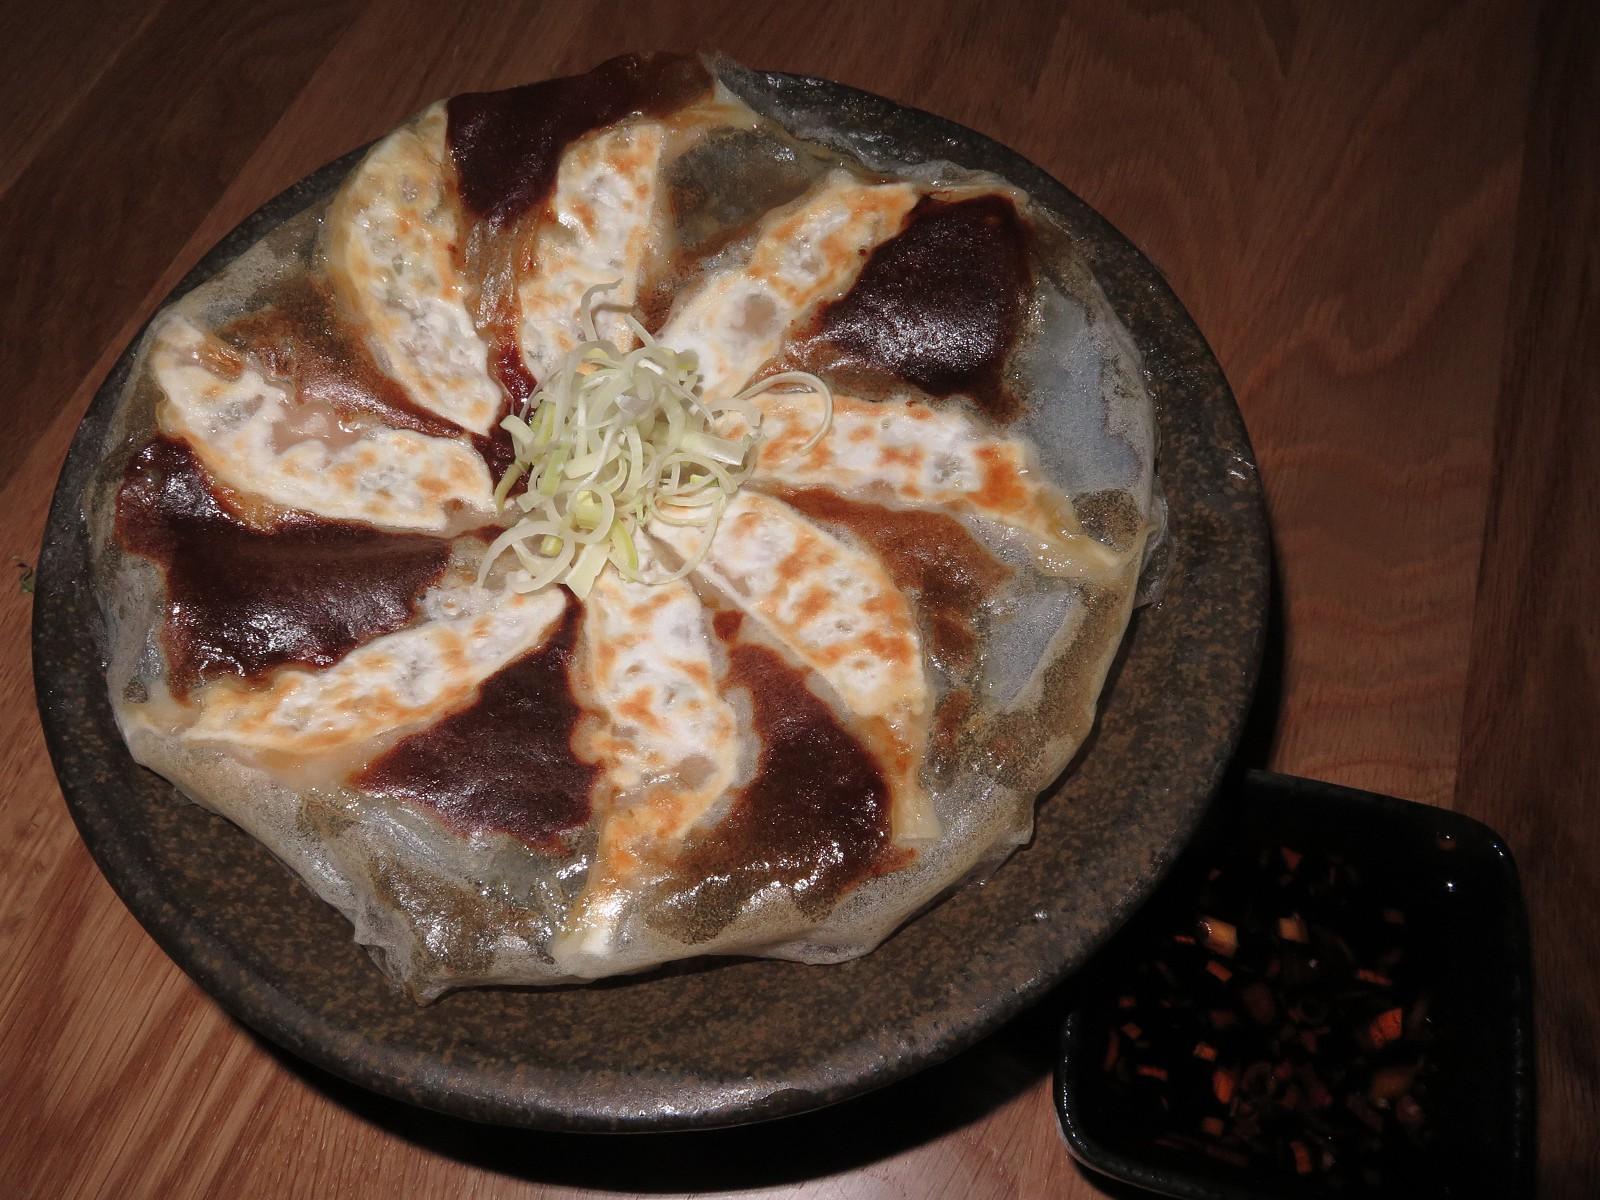 HOUSEMADE GYOZA (8 bolinhos de massa com carne de porco moída, rama de alho, gengibre, cebolo, repolho de napa, molho de gyoza)